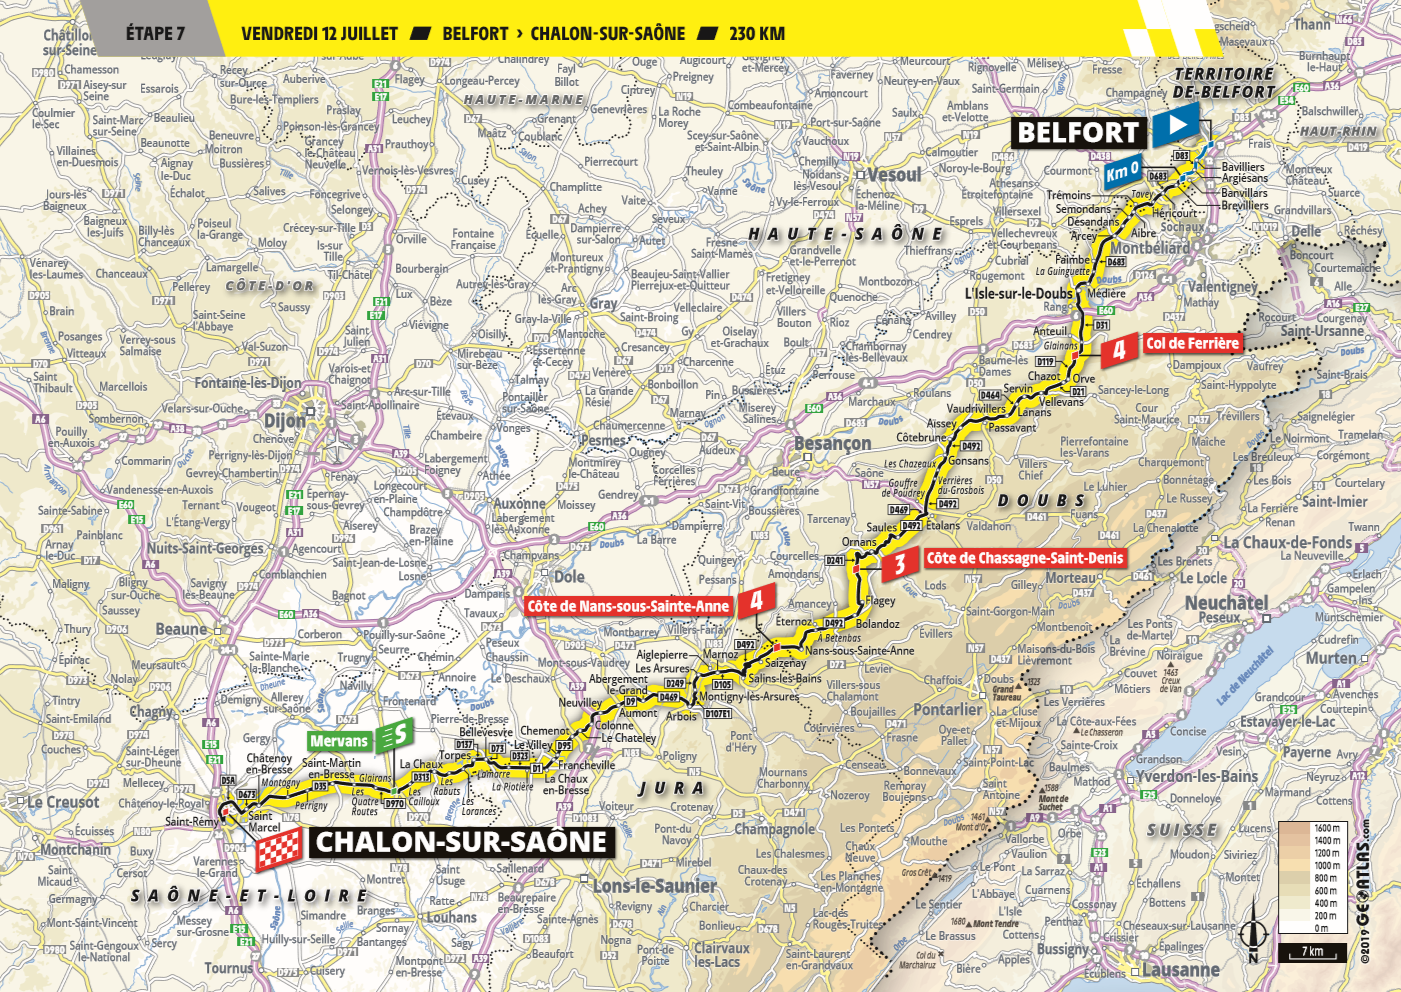 Tour de France 2019 - Page 12 190618033026180450